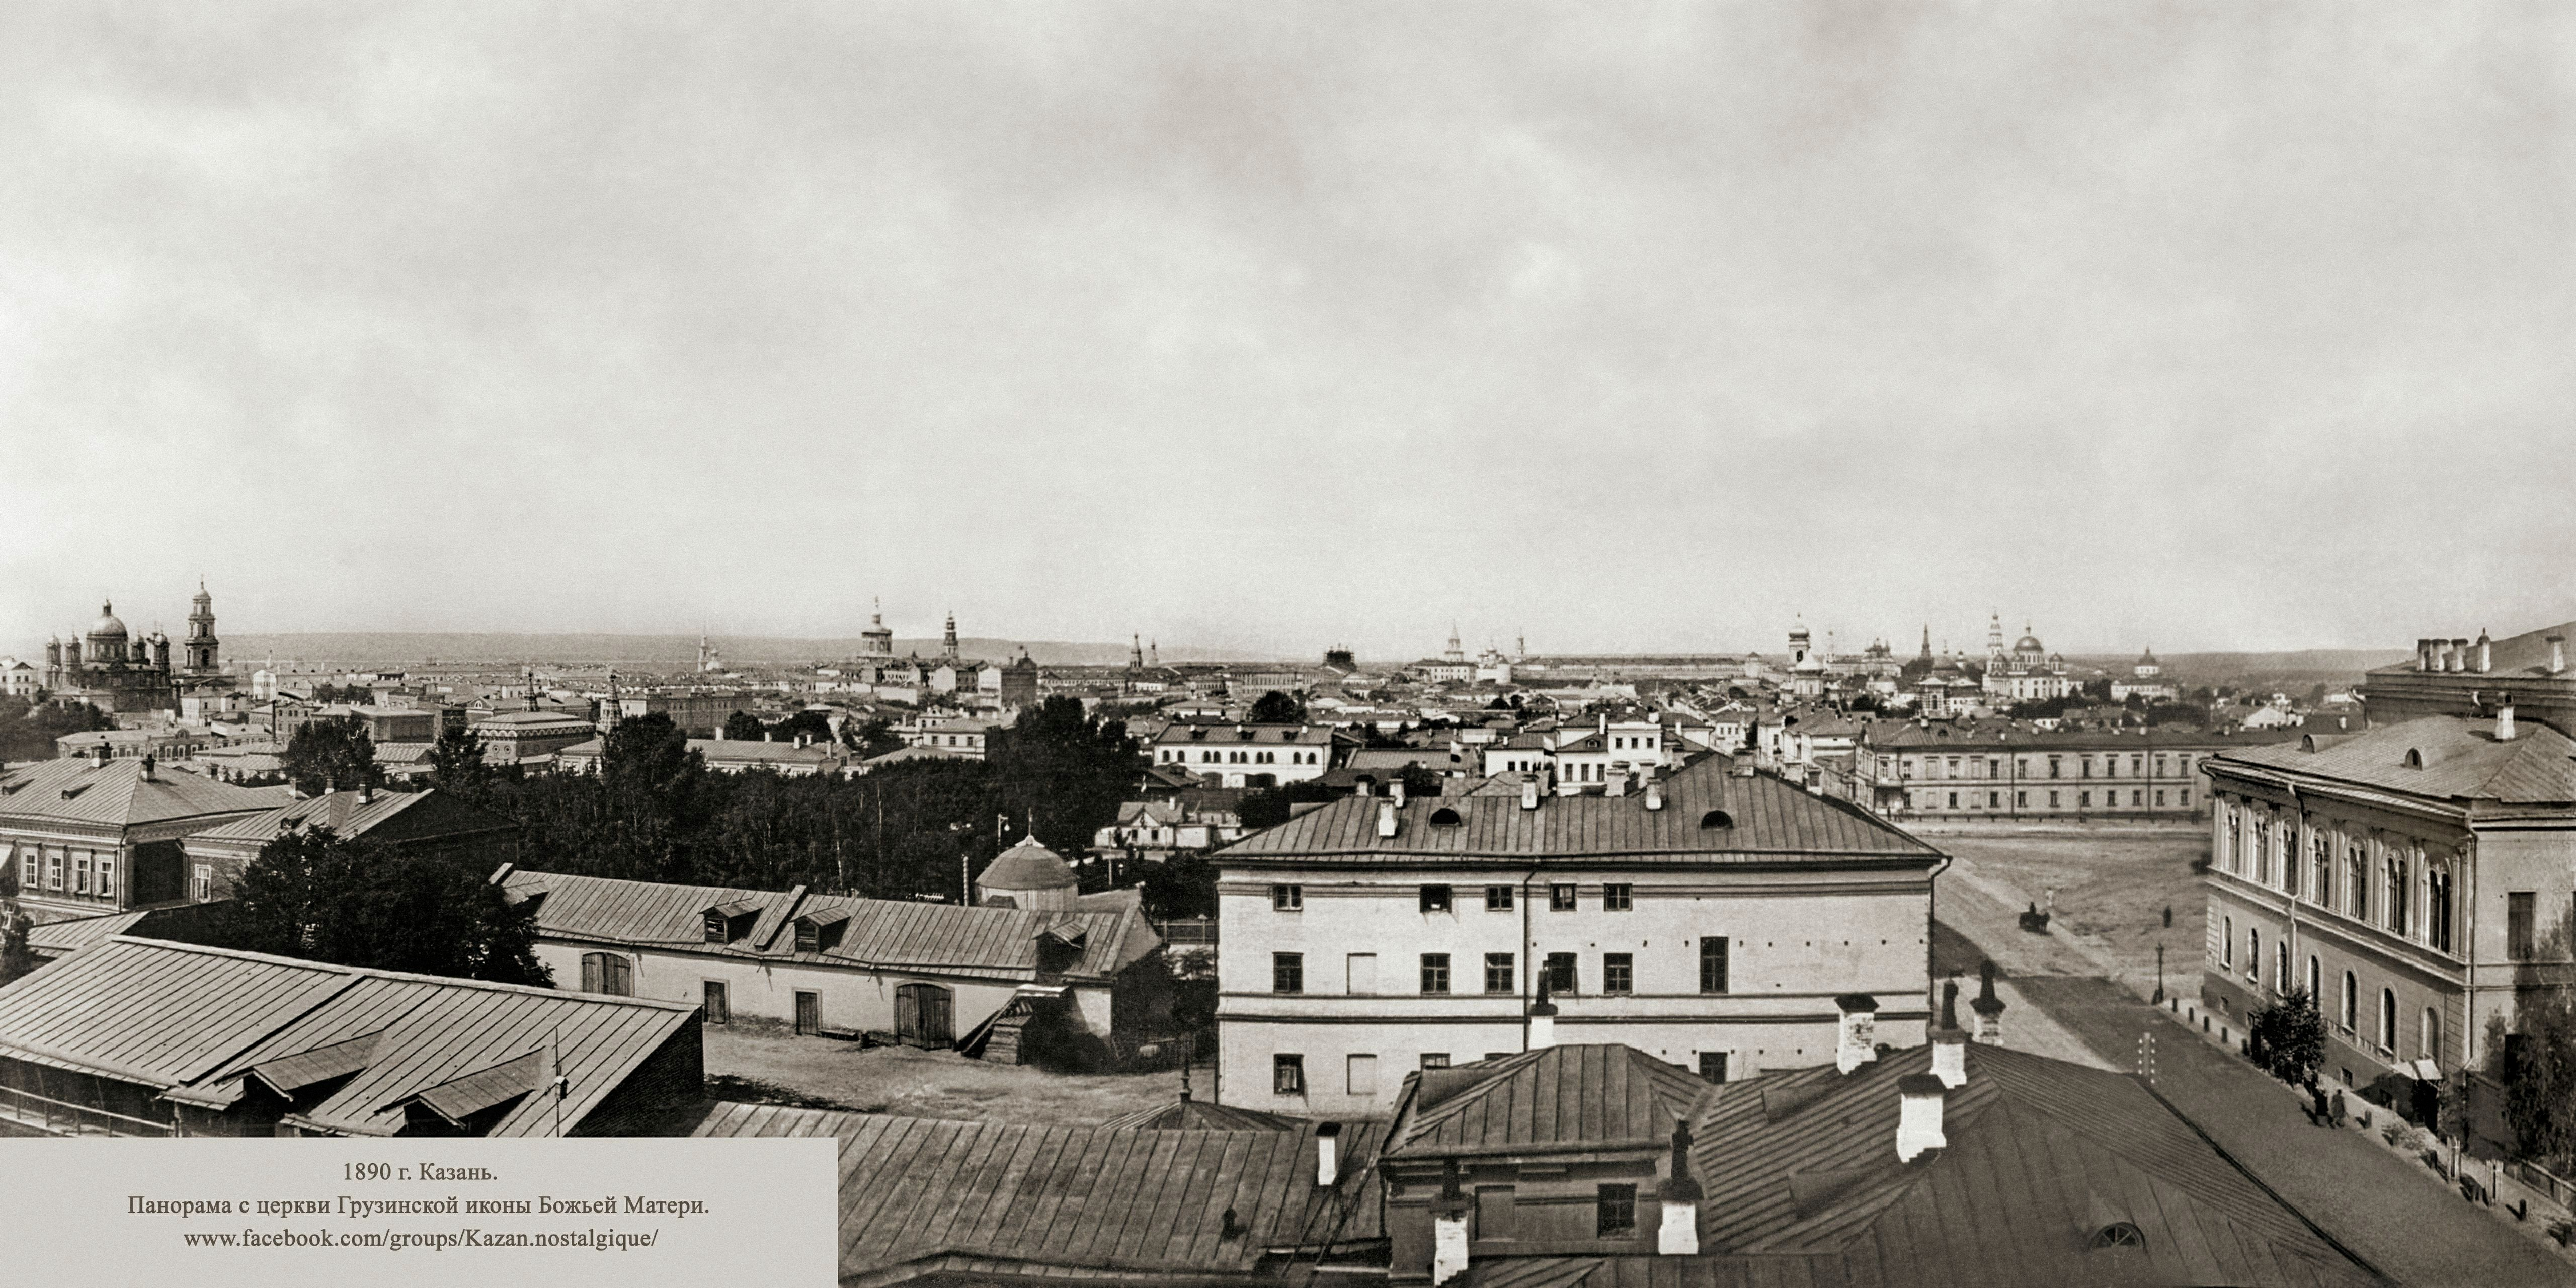 1890. Панорама с колокольни Грузинской церкви